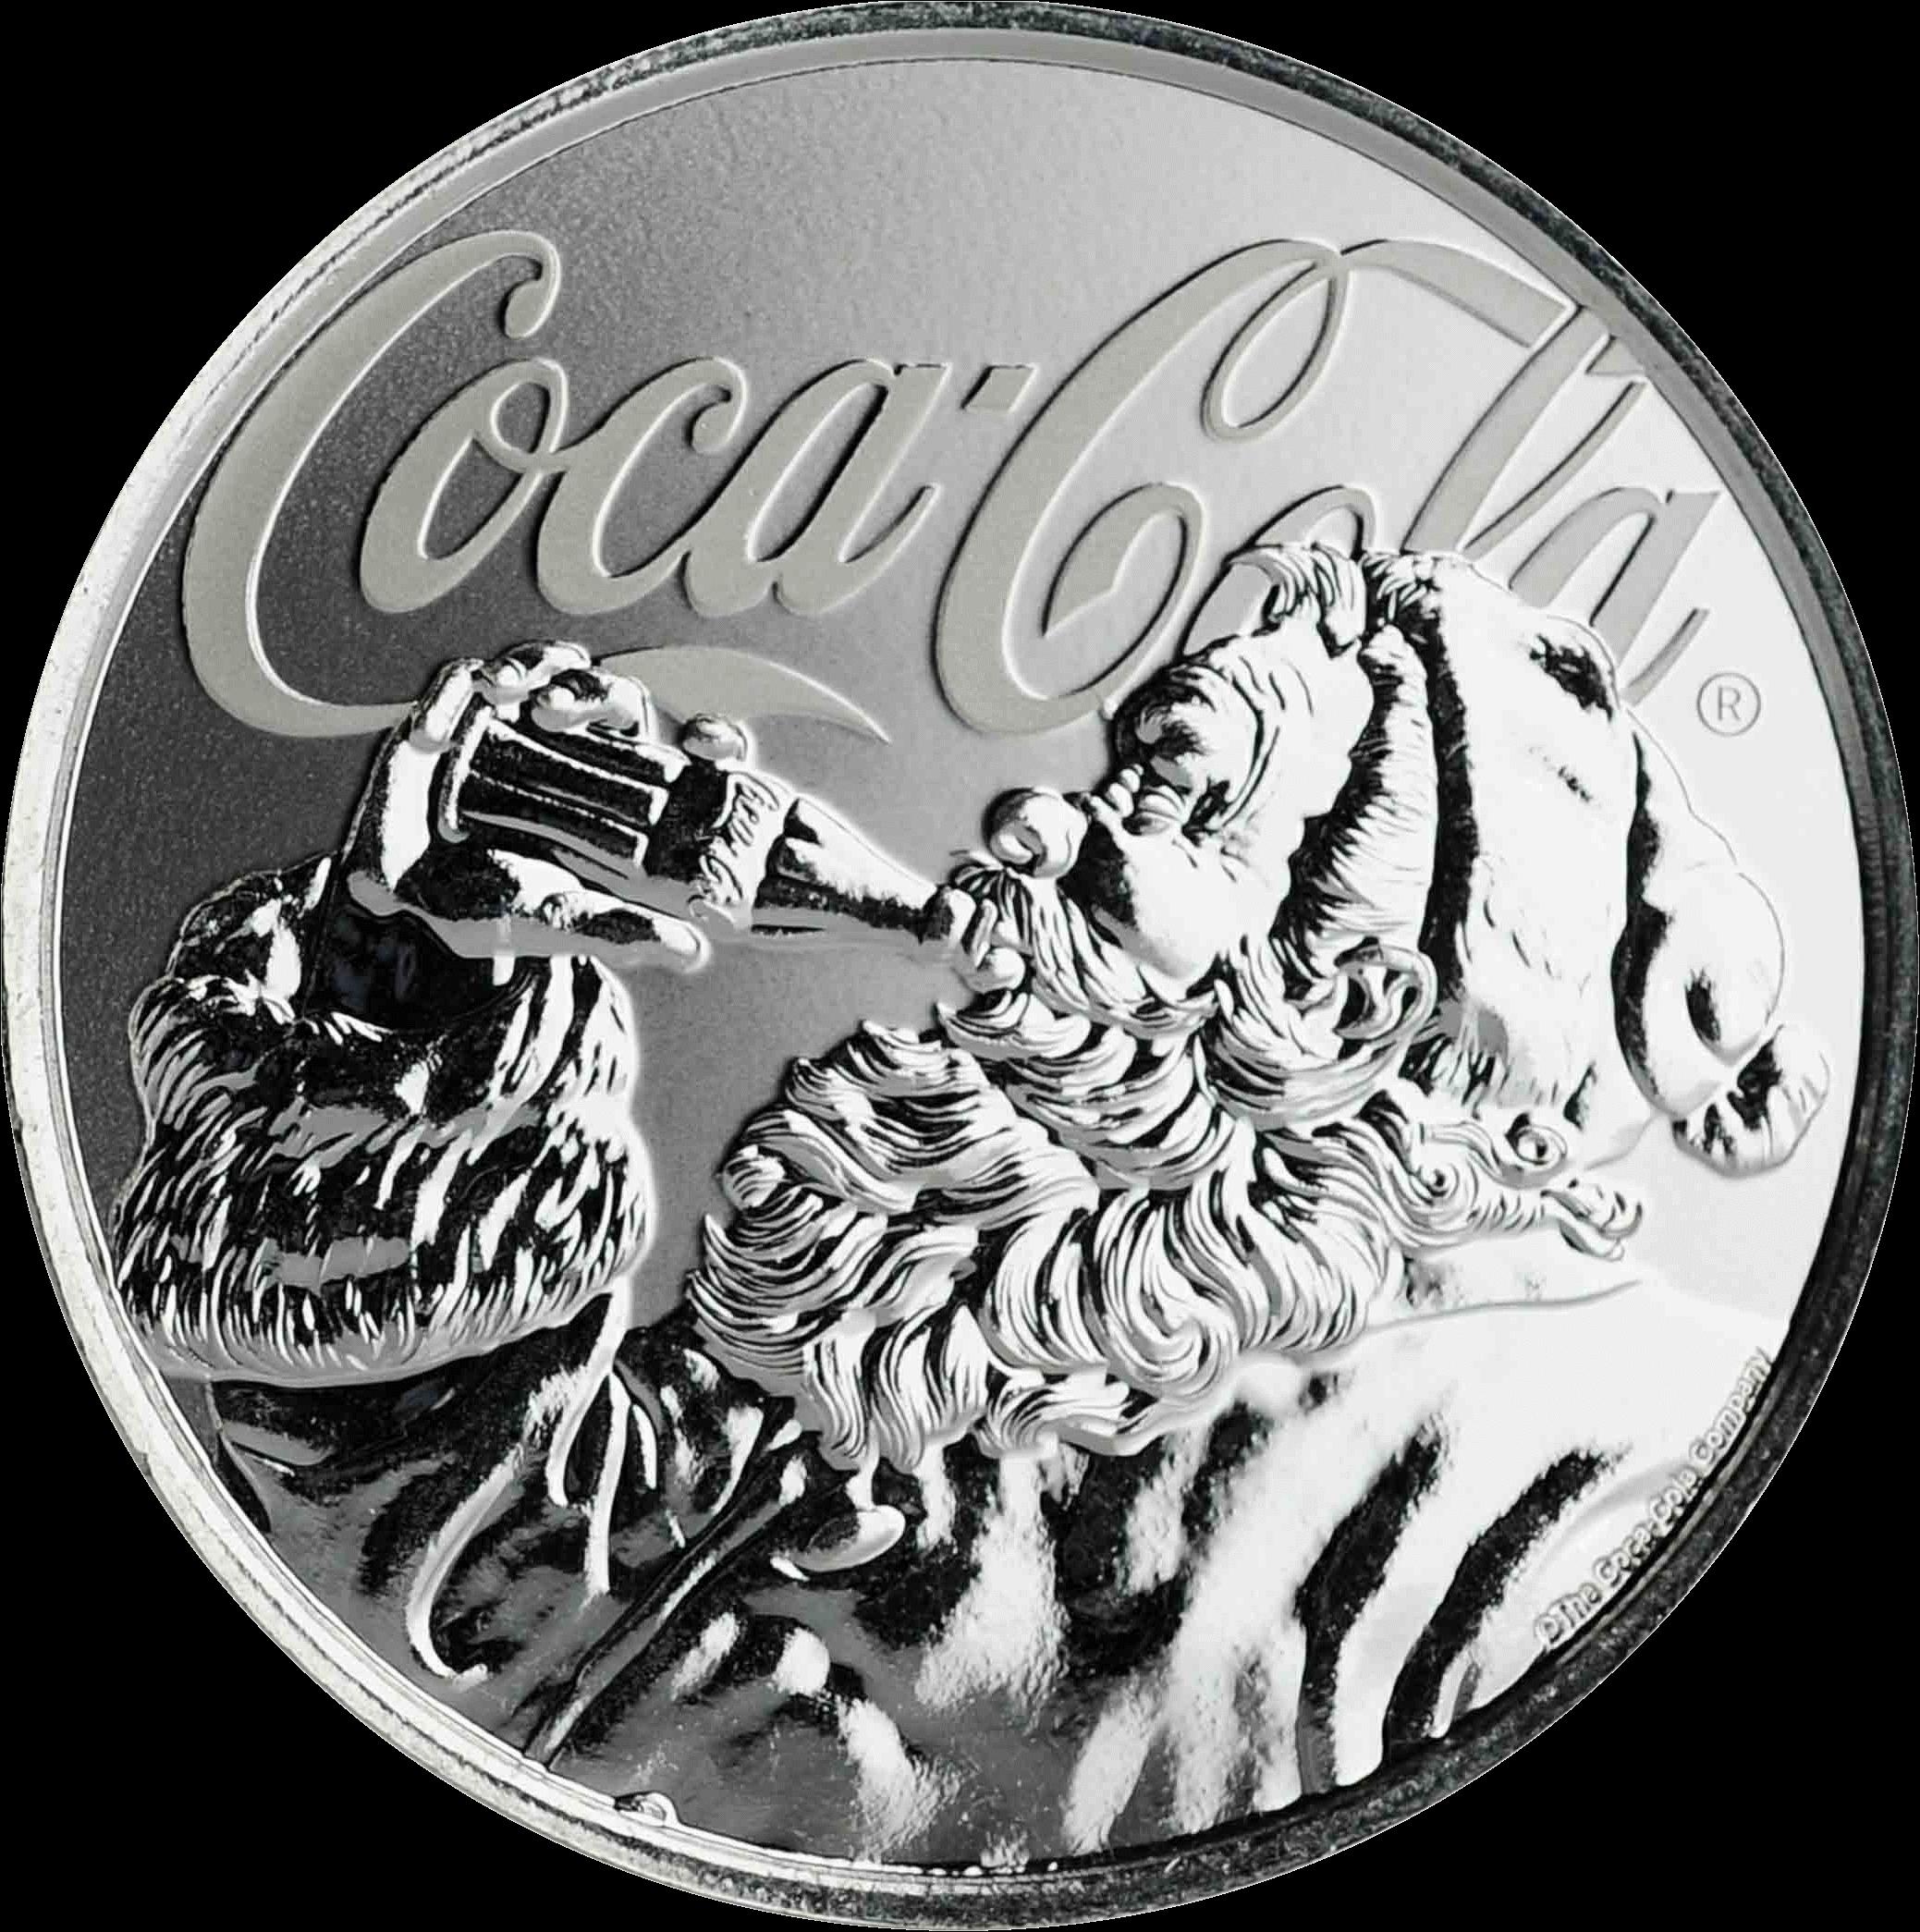 Фиджи монета 1 доллар Кока-Кола Праздничная монета, реверс